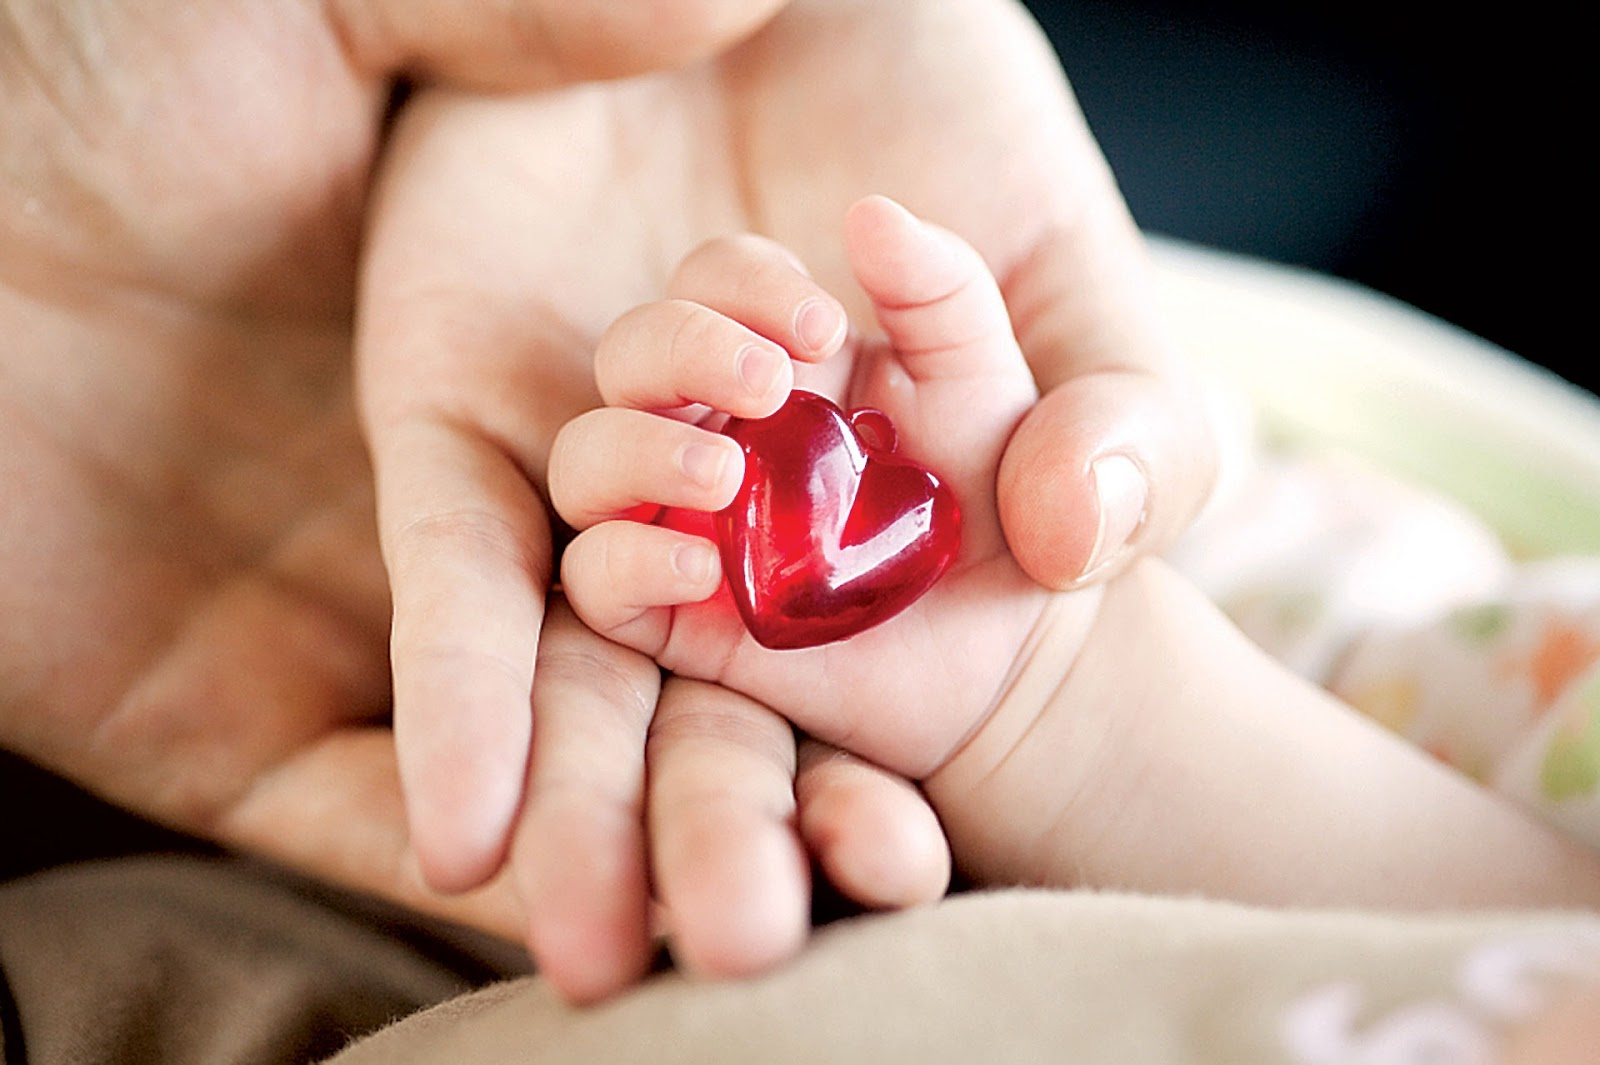 Jantung Bengkak Bisa Sembuh Total